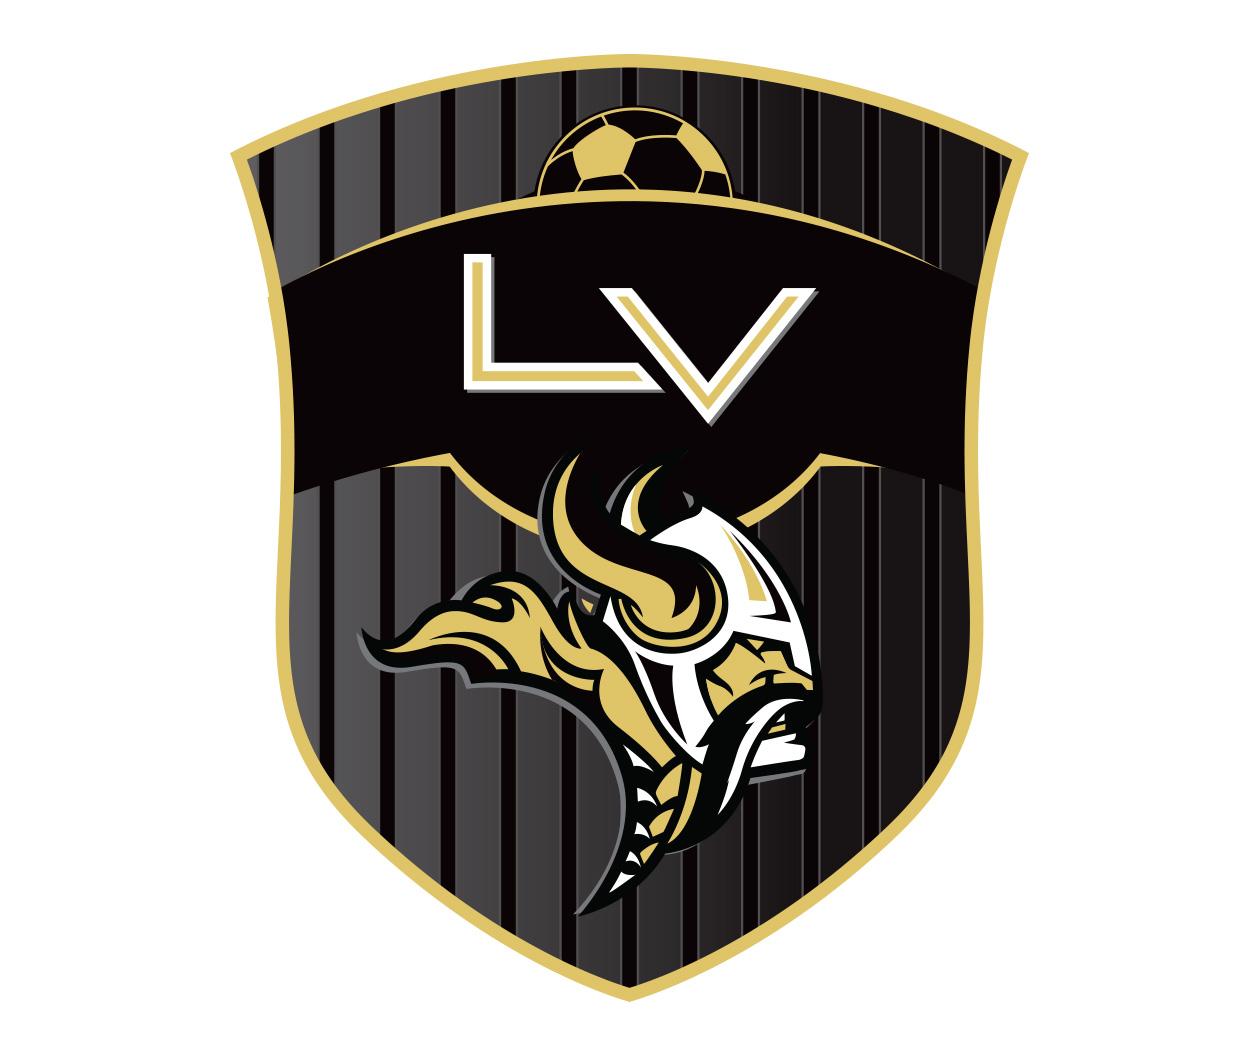 testimonial-for-the-custom-sports-logo-design-for-lv-by-jordan-fretz.jpg